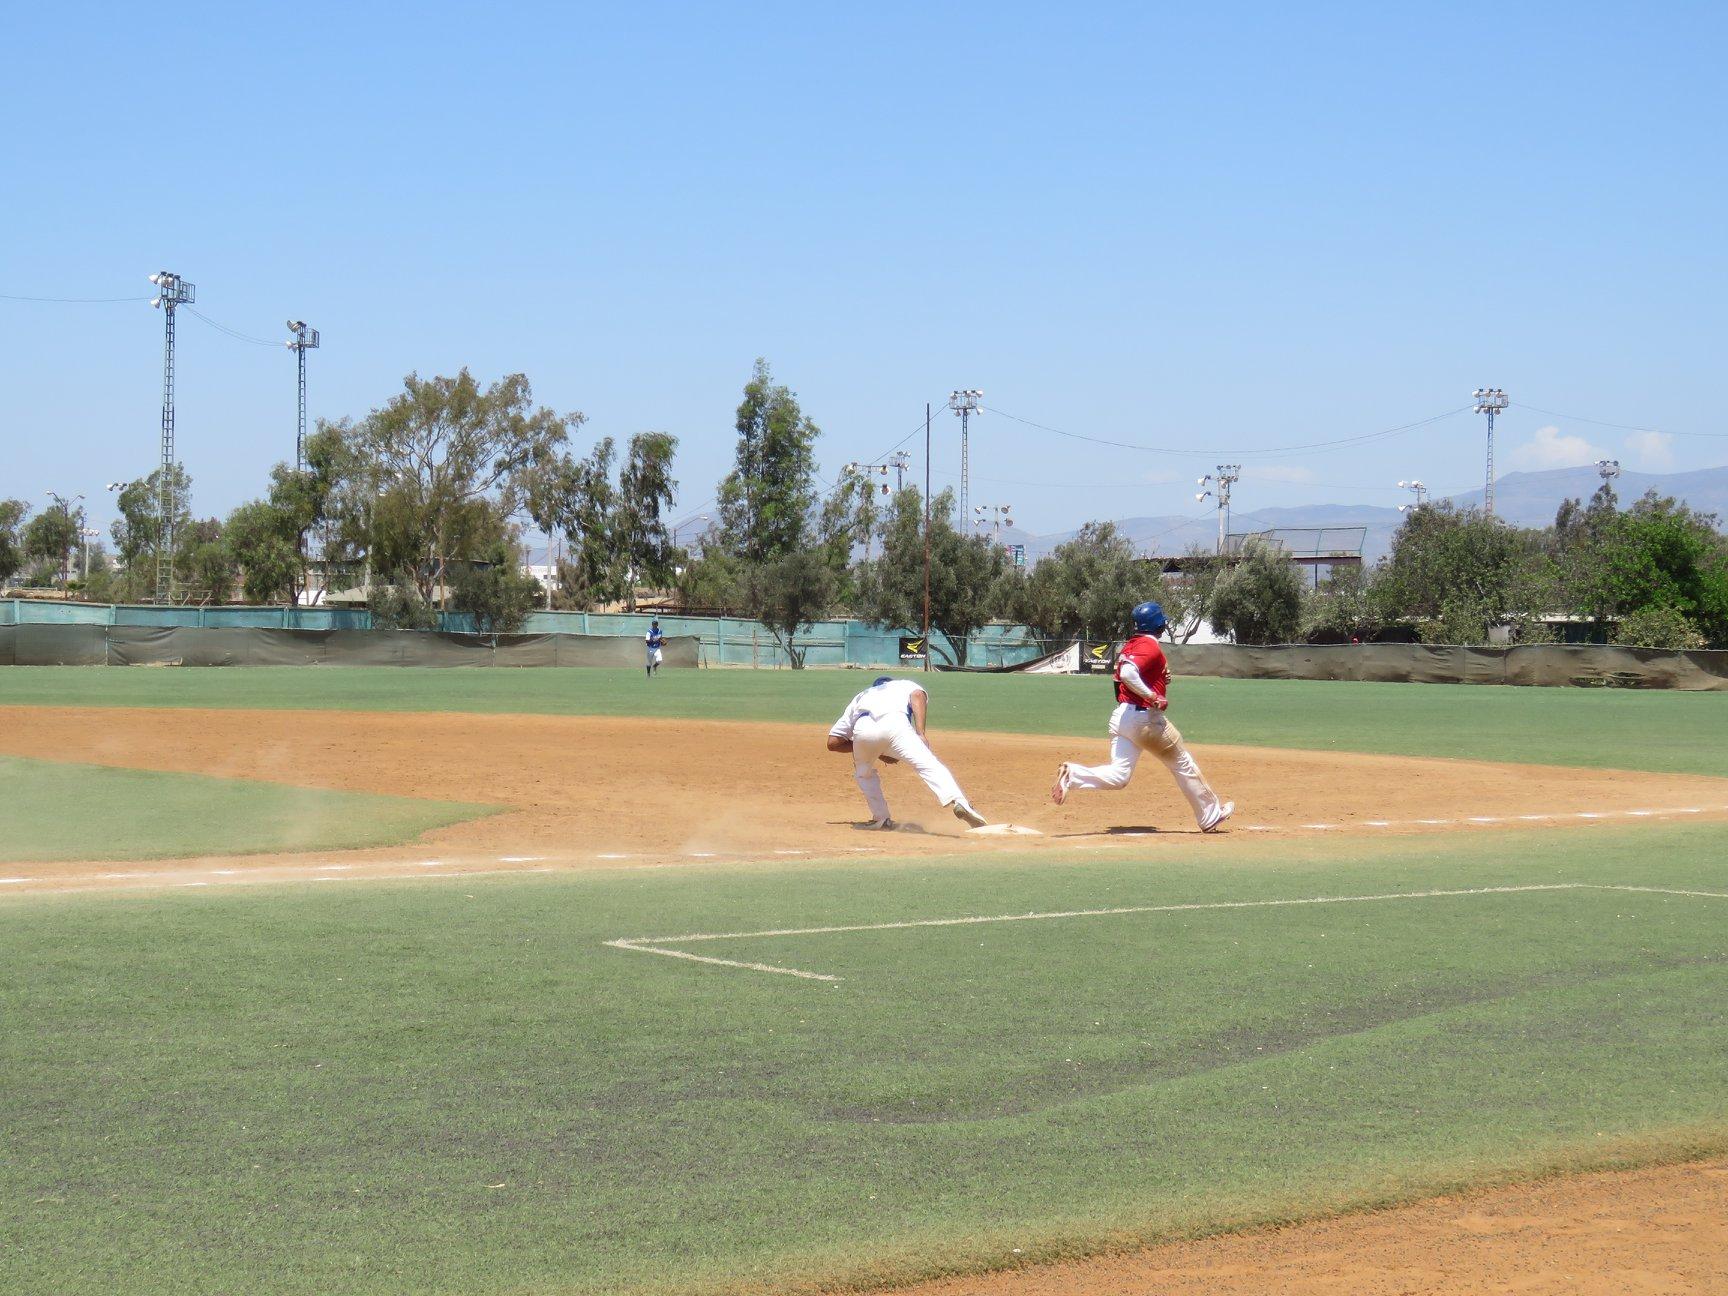 Entre protestas definen finalista para Estatal de beisbol